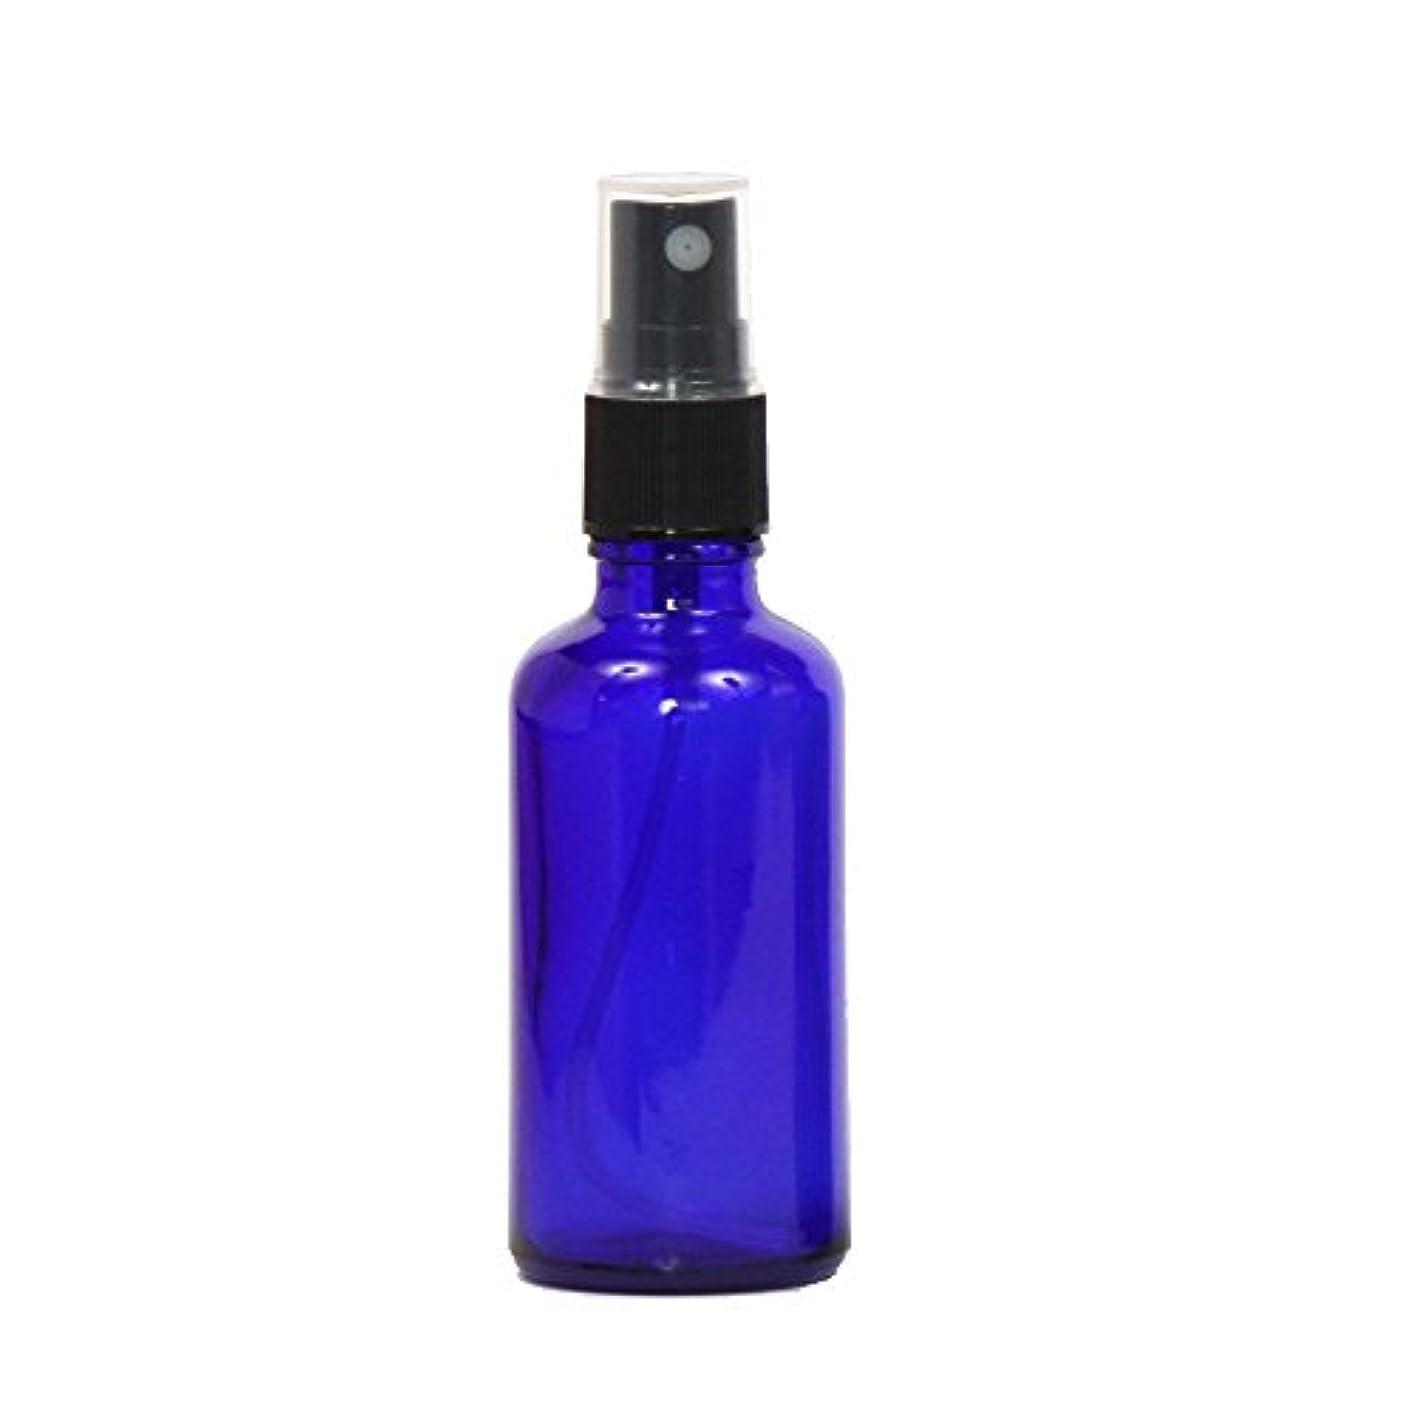 慣れるカレンダー薬スプレー容器 ガラス瓶ボトル 50mL 遮光性ブルー おしゃれガラスアトマイザー 空容器bu50g